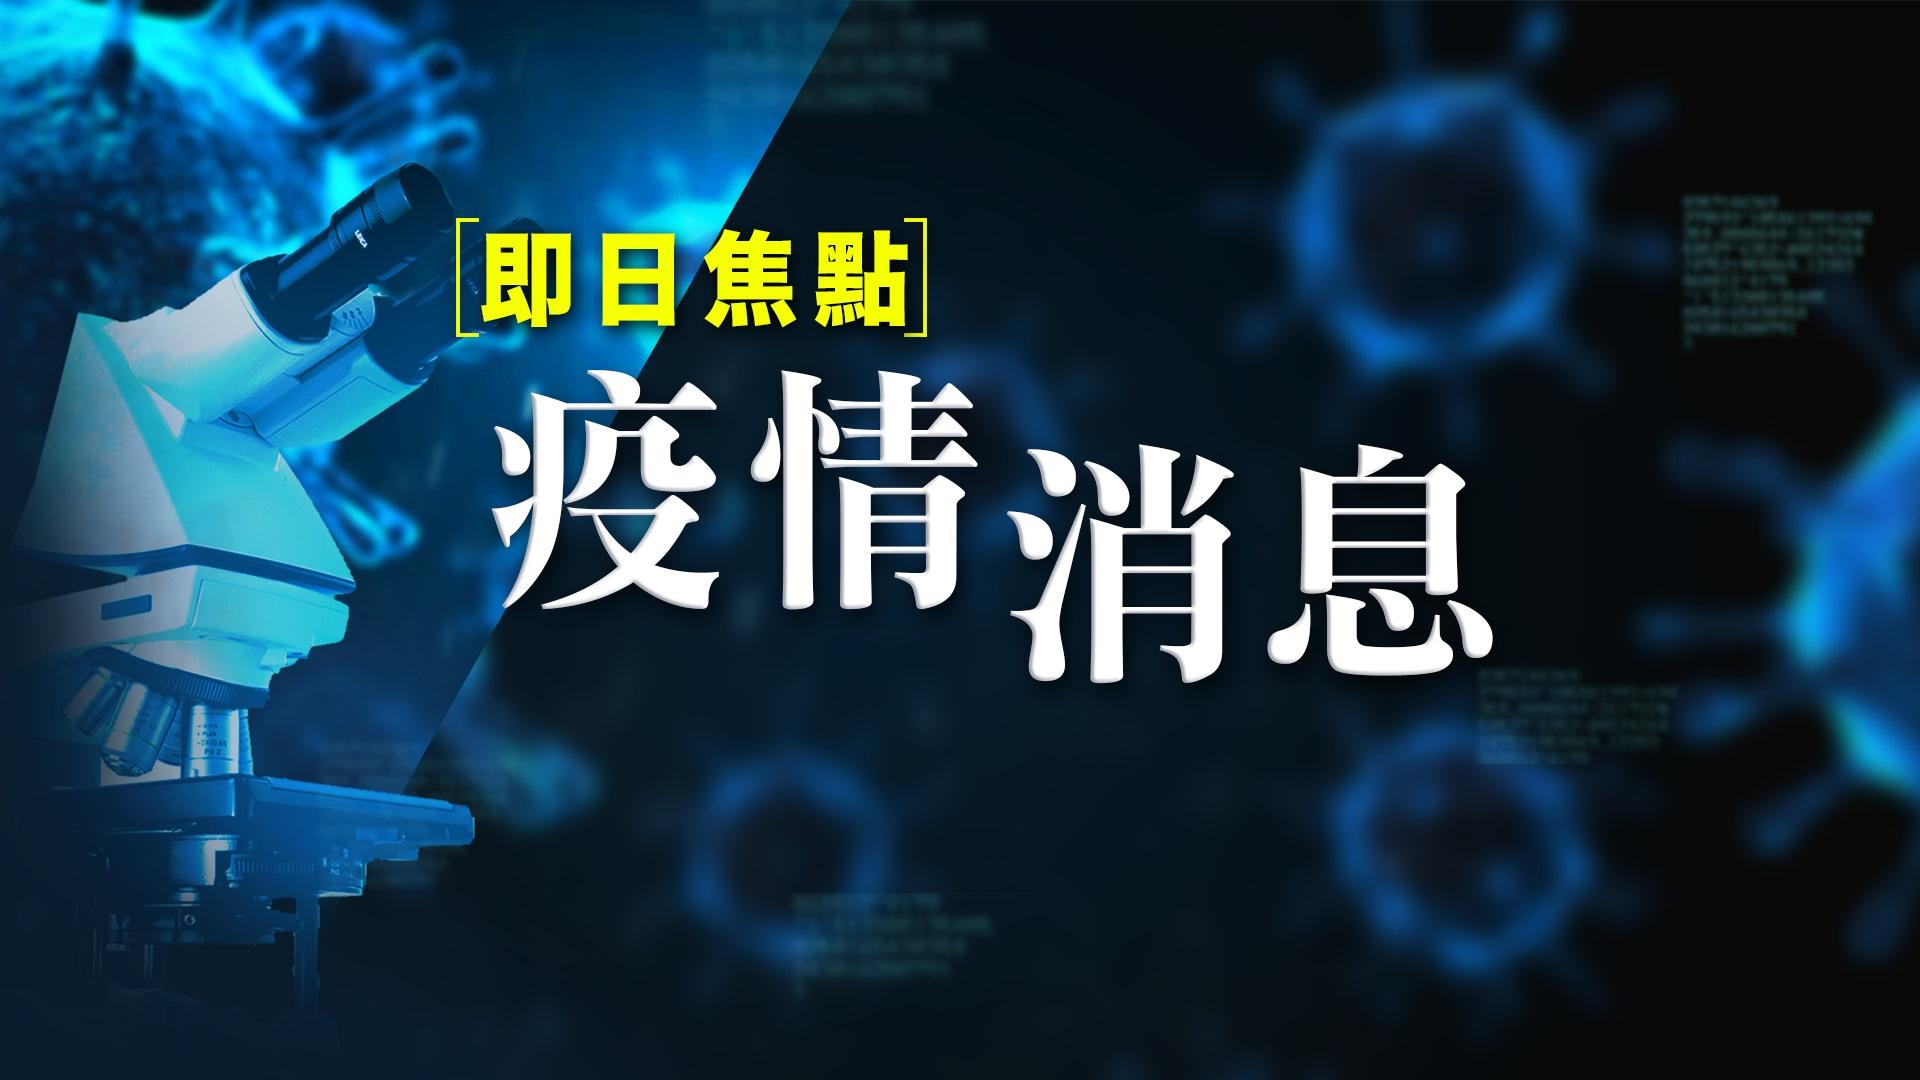 【即日焦點·疫情消息】專家指本地生產口罩最大困難是原材料供應; 鍾南山:病毒潛伏期最長達24天 研究發現僅四成患者感染早期有發燒